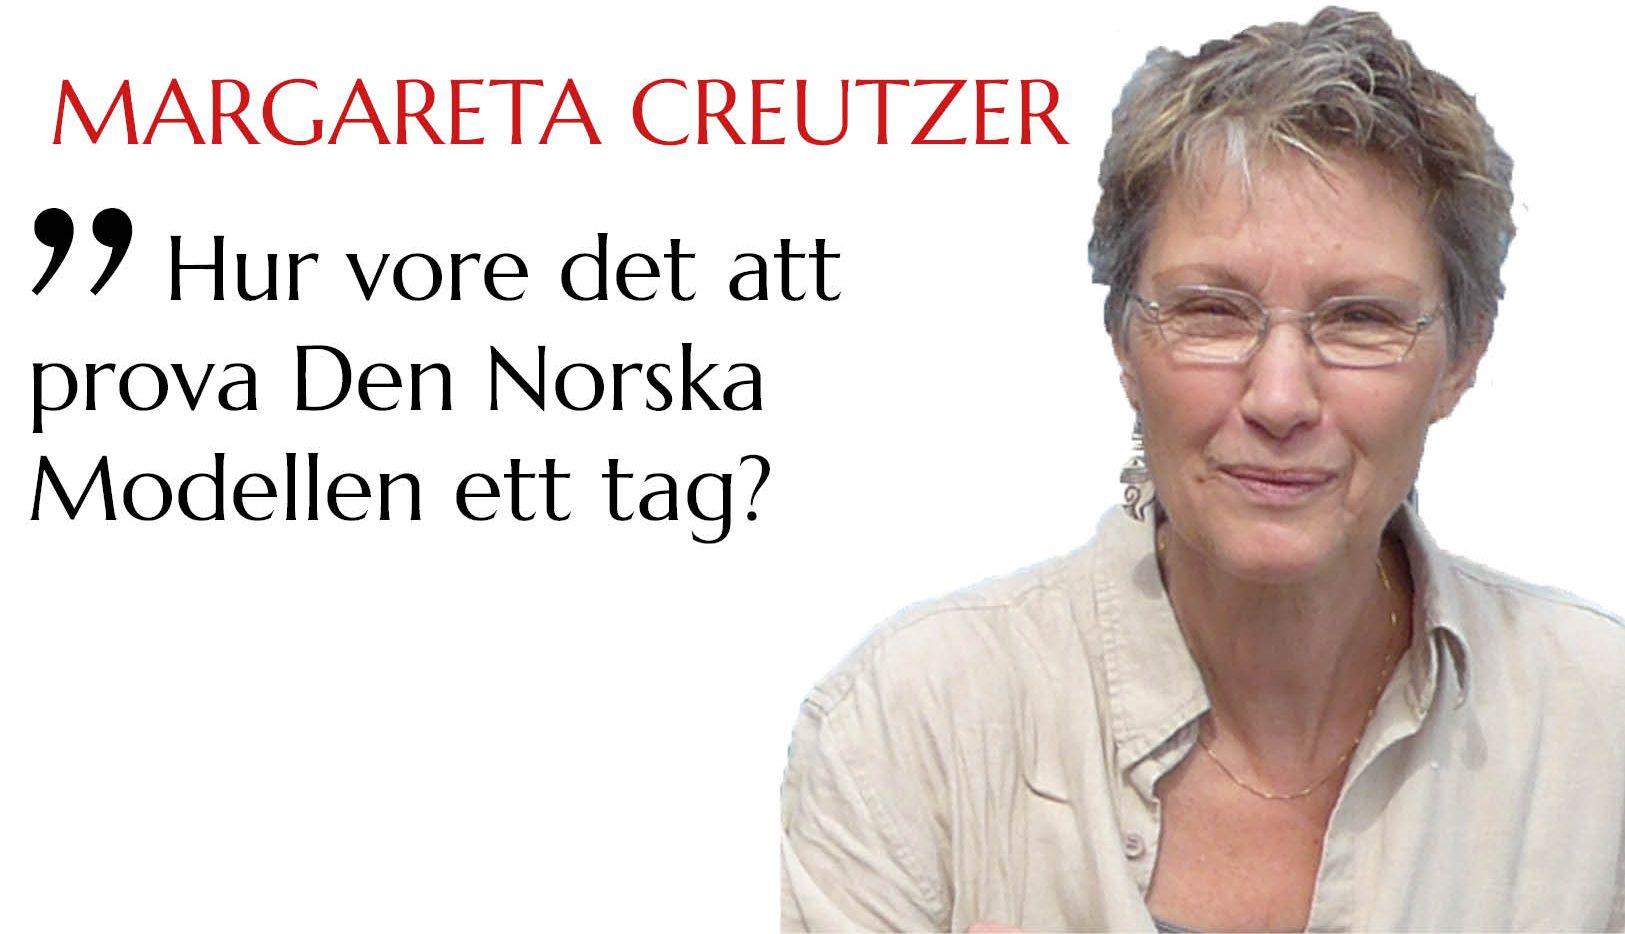 Alla älskar den svenska modellen